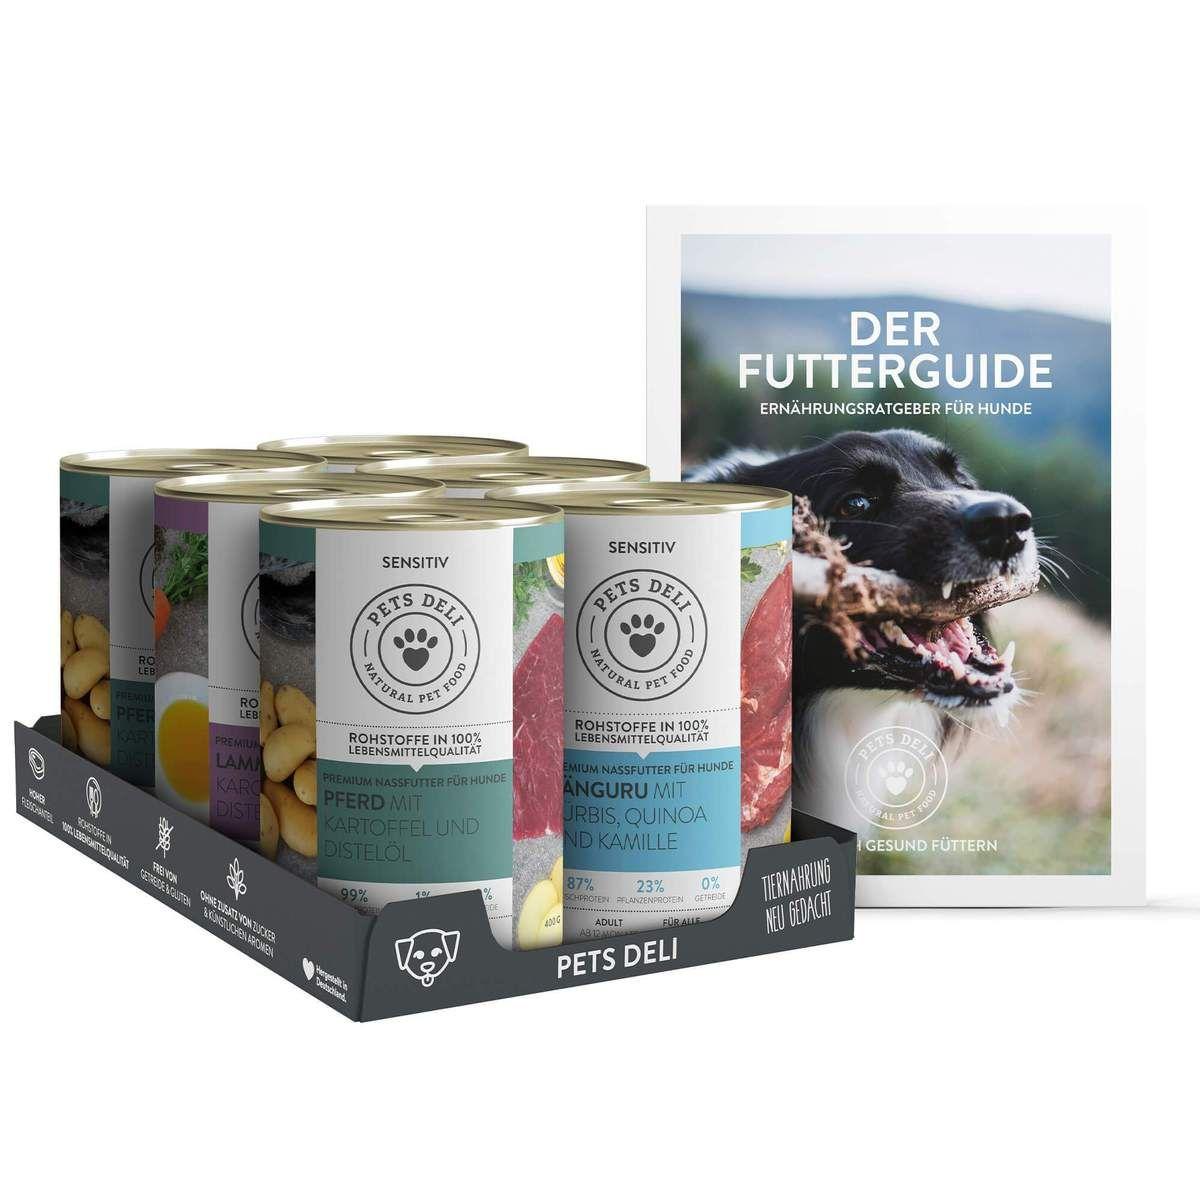 Nassfutter Probierpaket Sensitiv Fur Hunde Inkl Futterguide